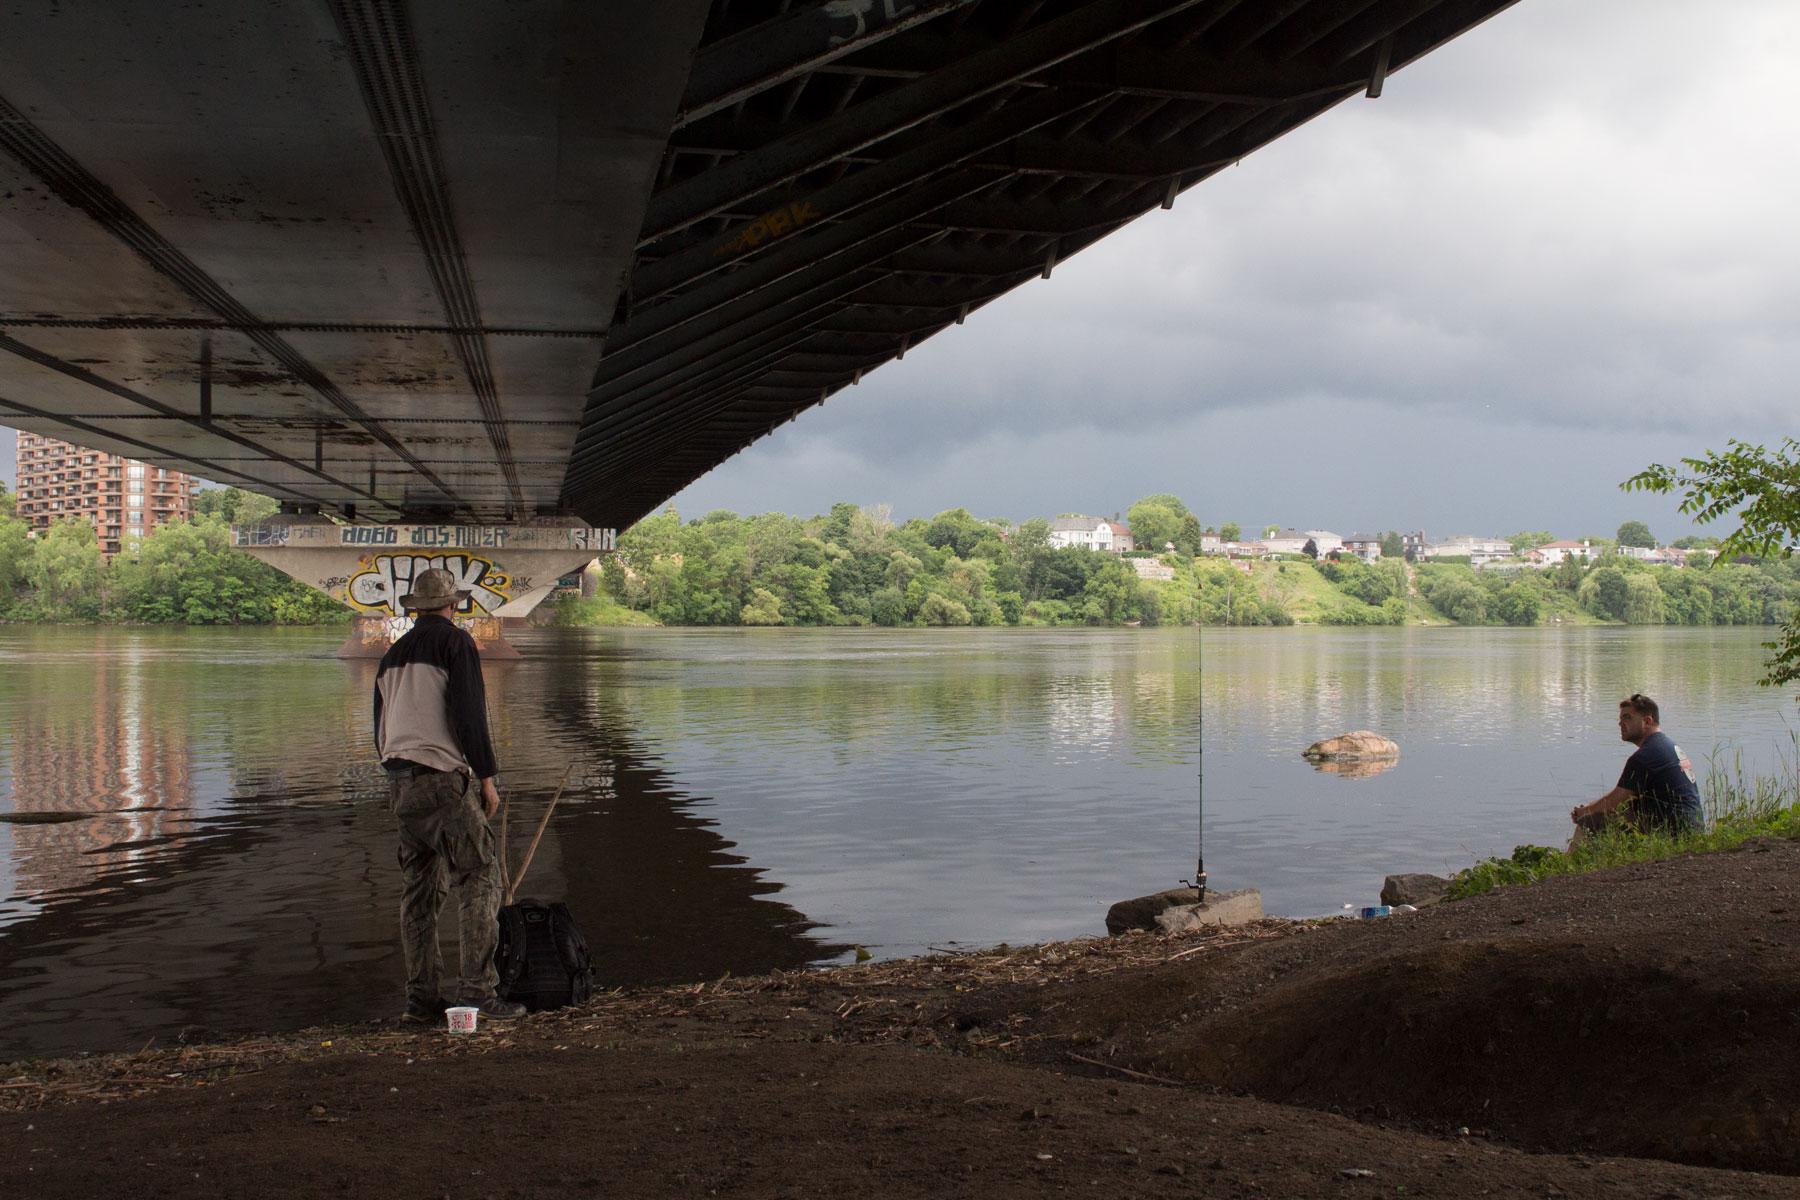 Le pont Papineau-Leblanc. Présentement, c'est par en dessous qu'on le fréquente à pied, en vélo. Ça peut changer!